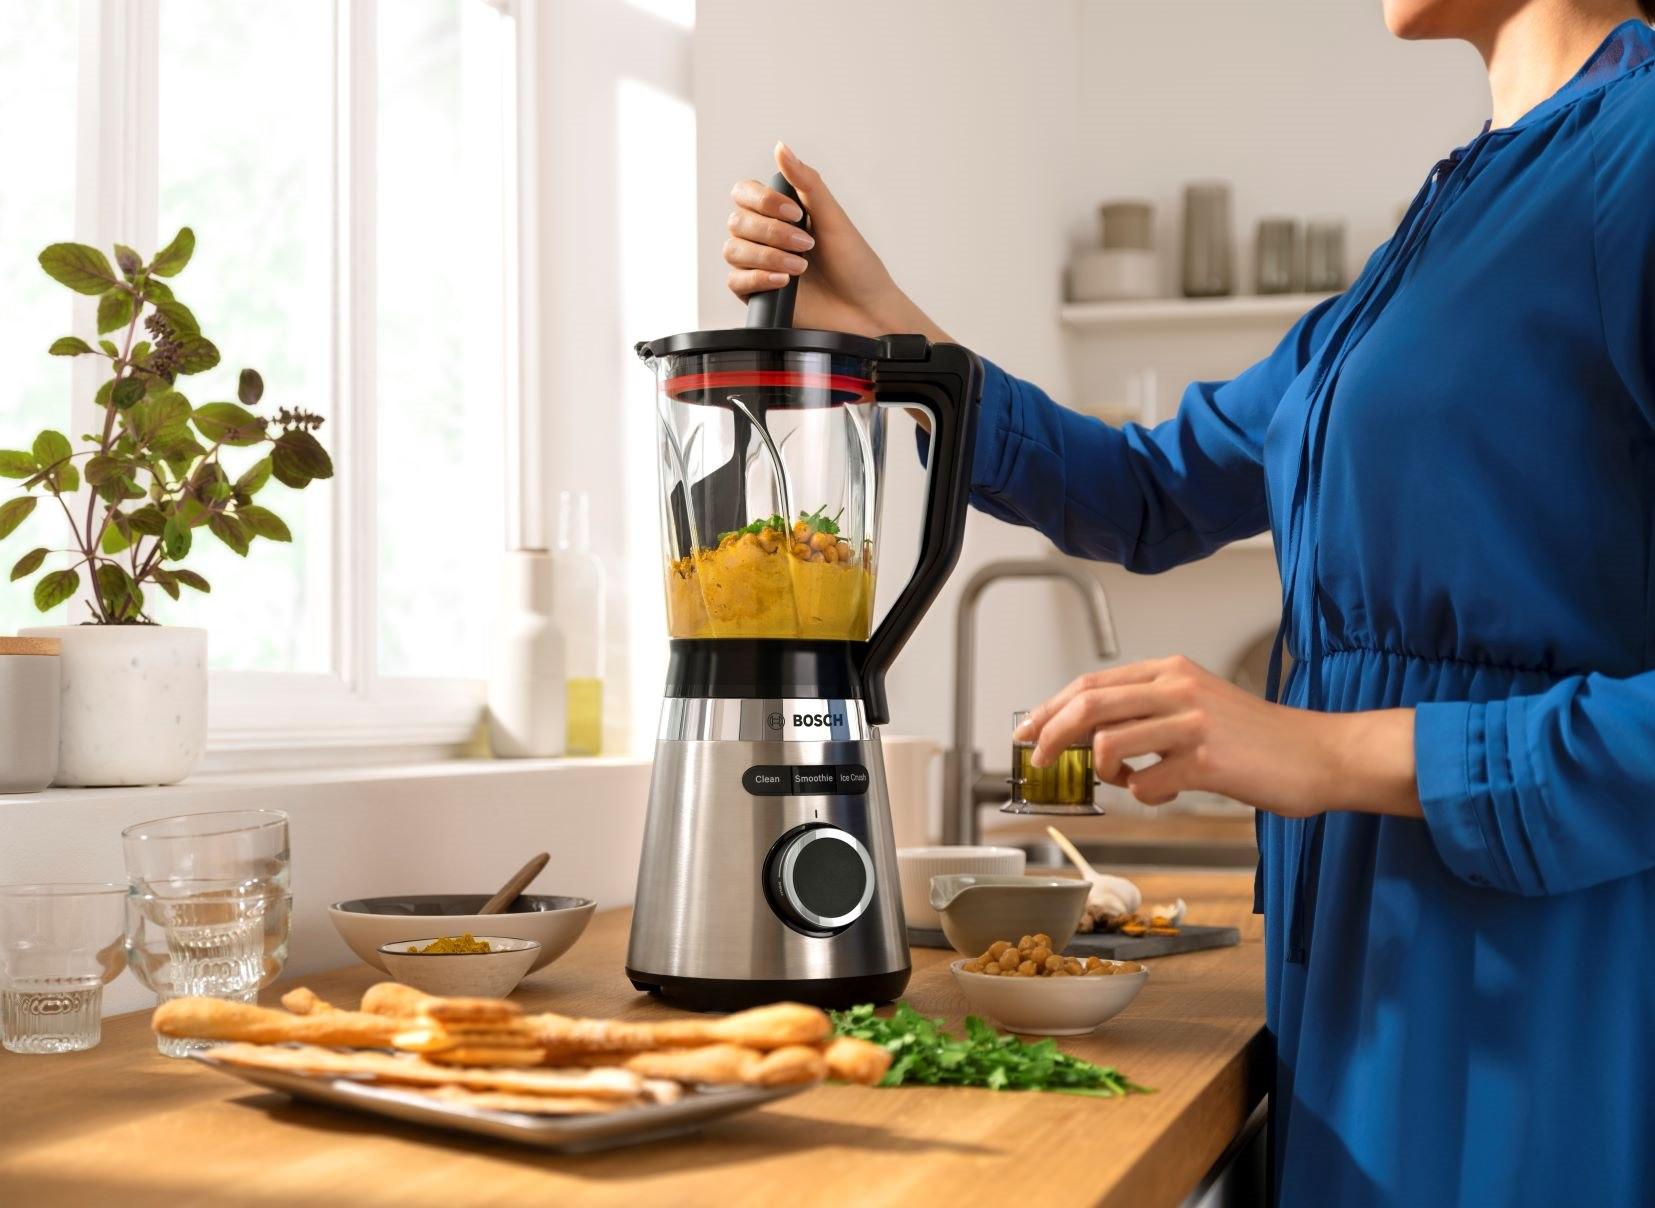 14 предметов для идеального завтрака дома